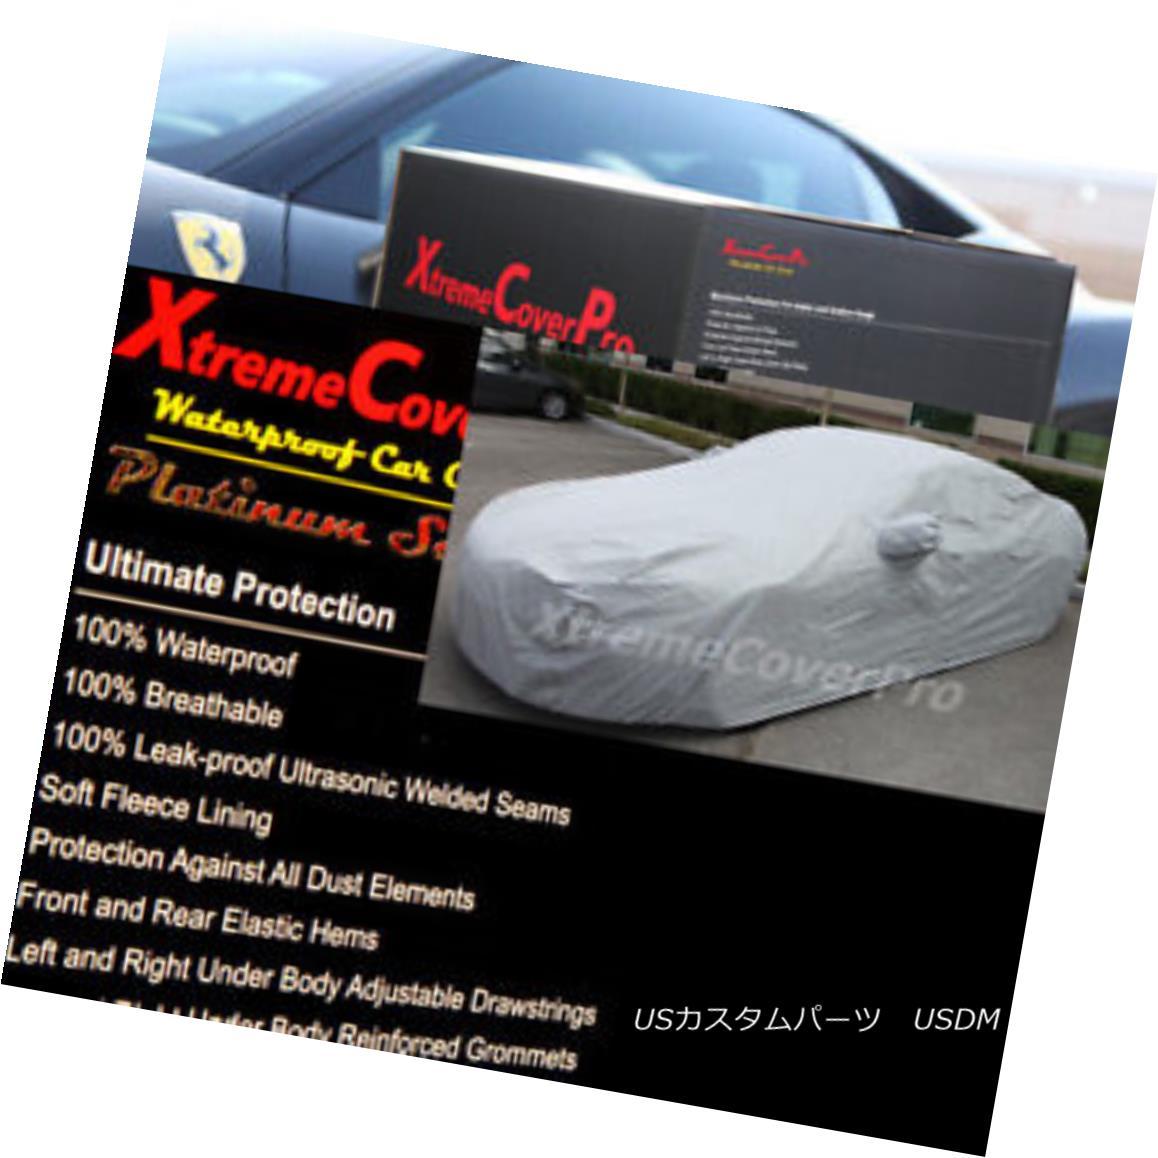 カーカバー 2009 2010 2011 2012 Chevy Corvette Waterproof Car Cover w/MirrorPocket 2009年2011年2011シボレーコルベット防水カーカバー付きMirrorPocket